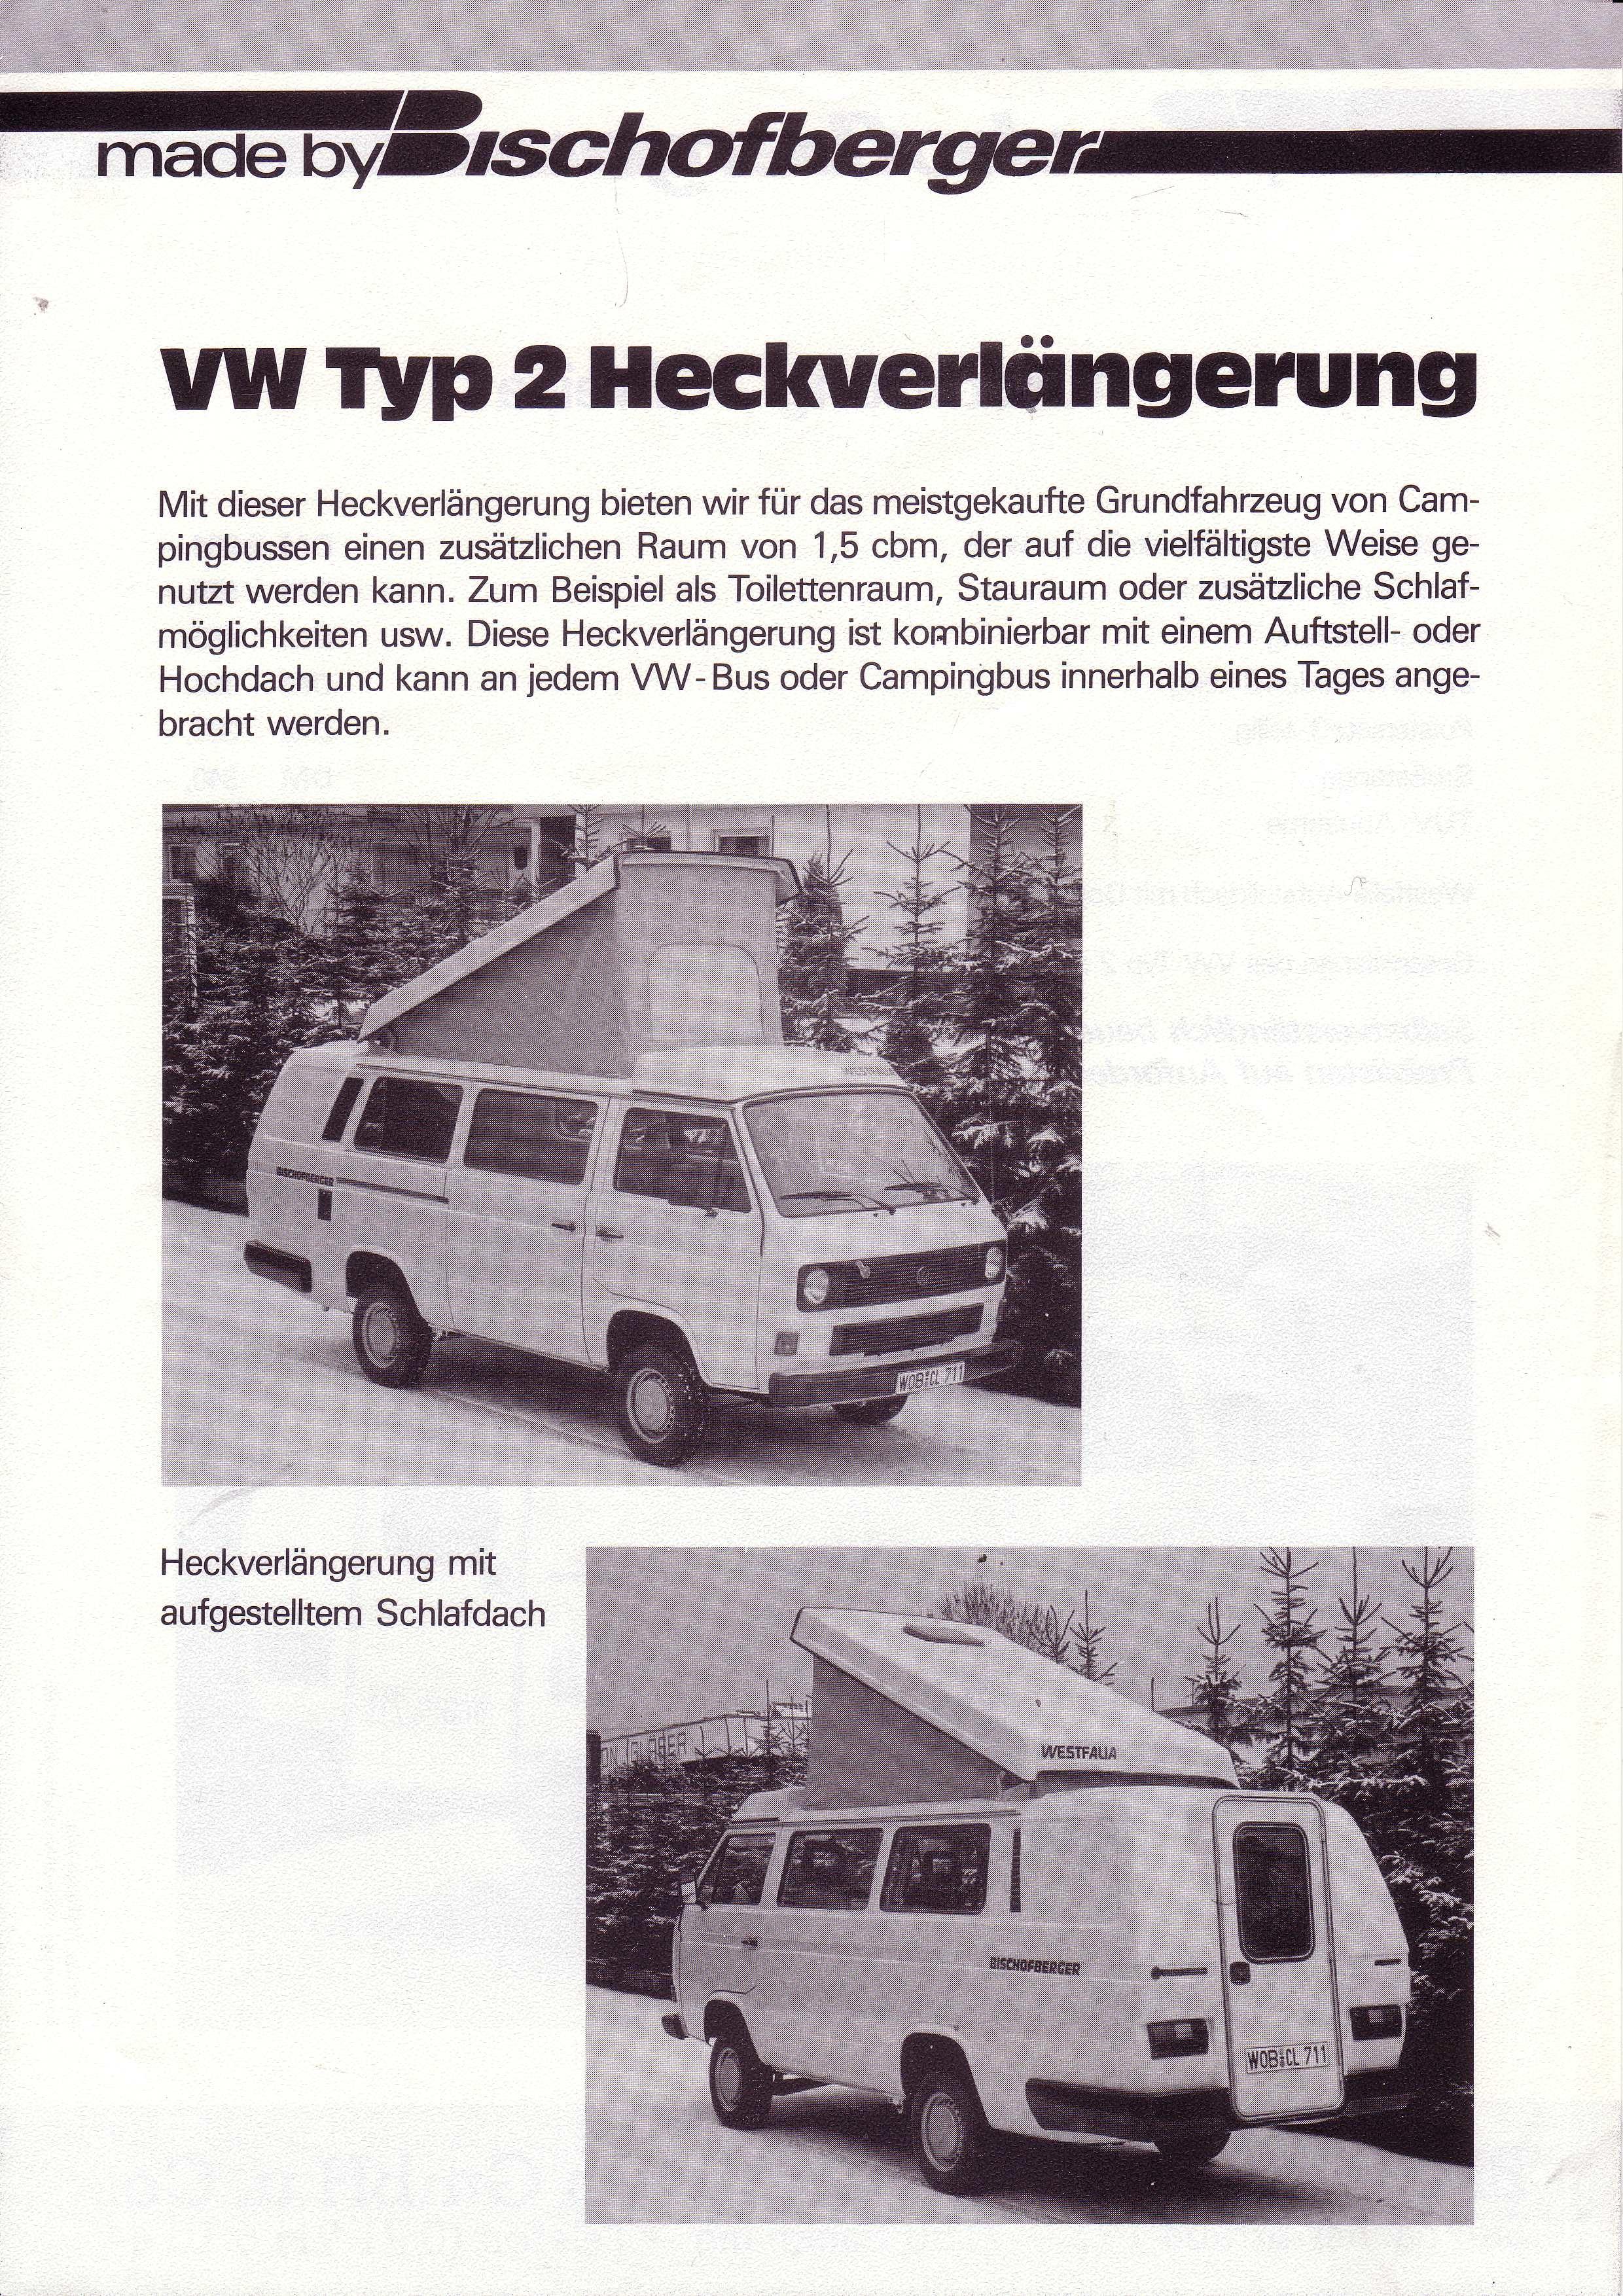 bischofberger_heckverlaengerung_1